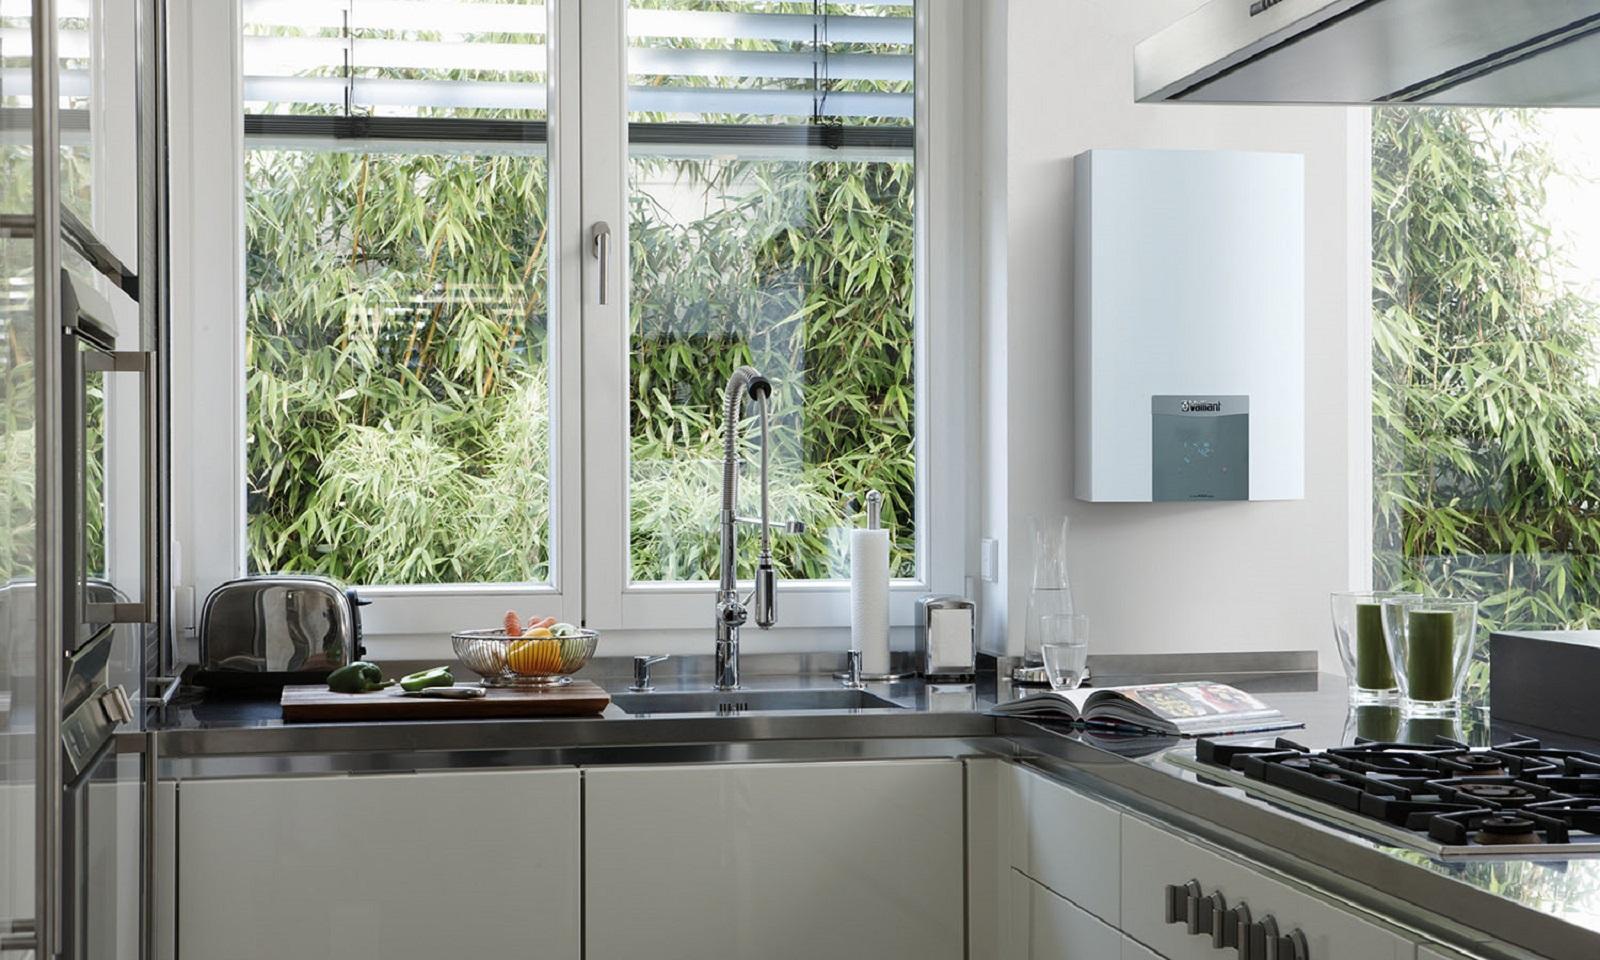 Gli scaldabagno fanno in modo che in casa l acqua calda non manchi mai - Scaldabagno elettrico a basso consumo ...